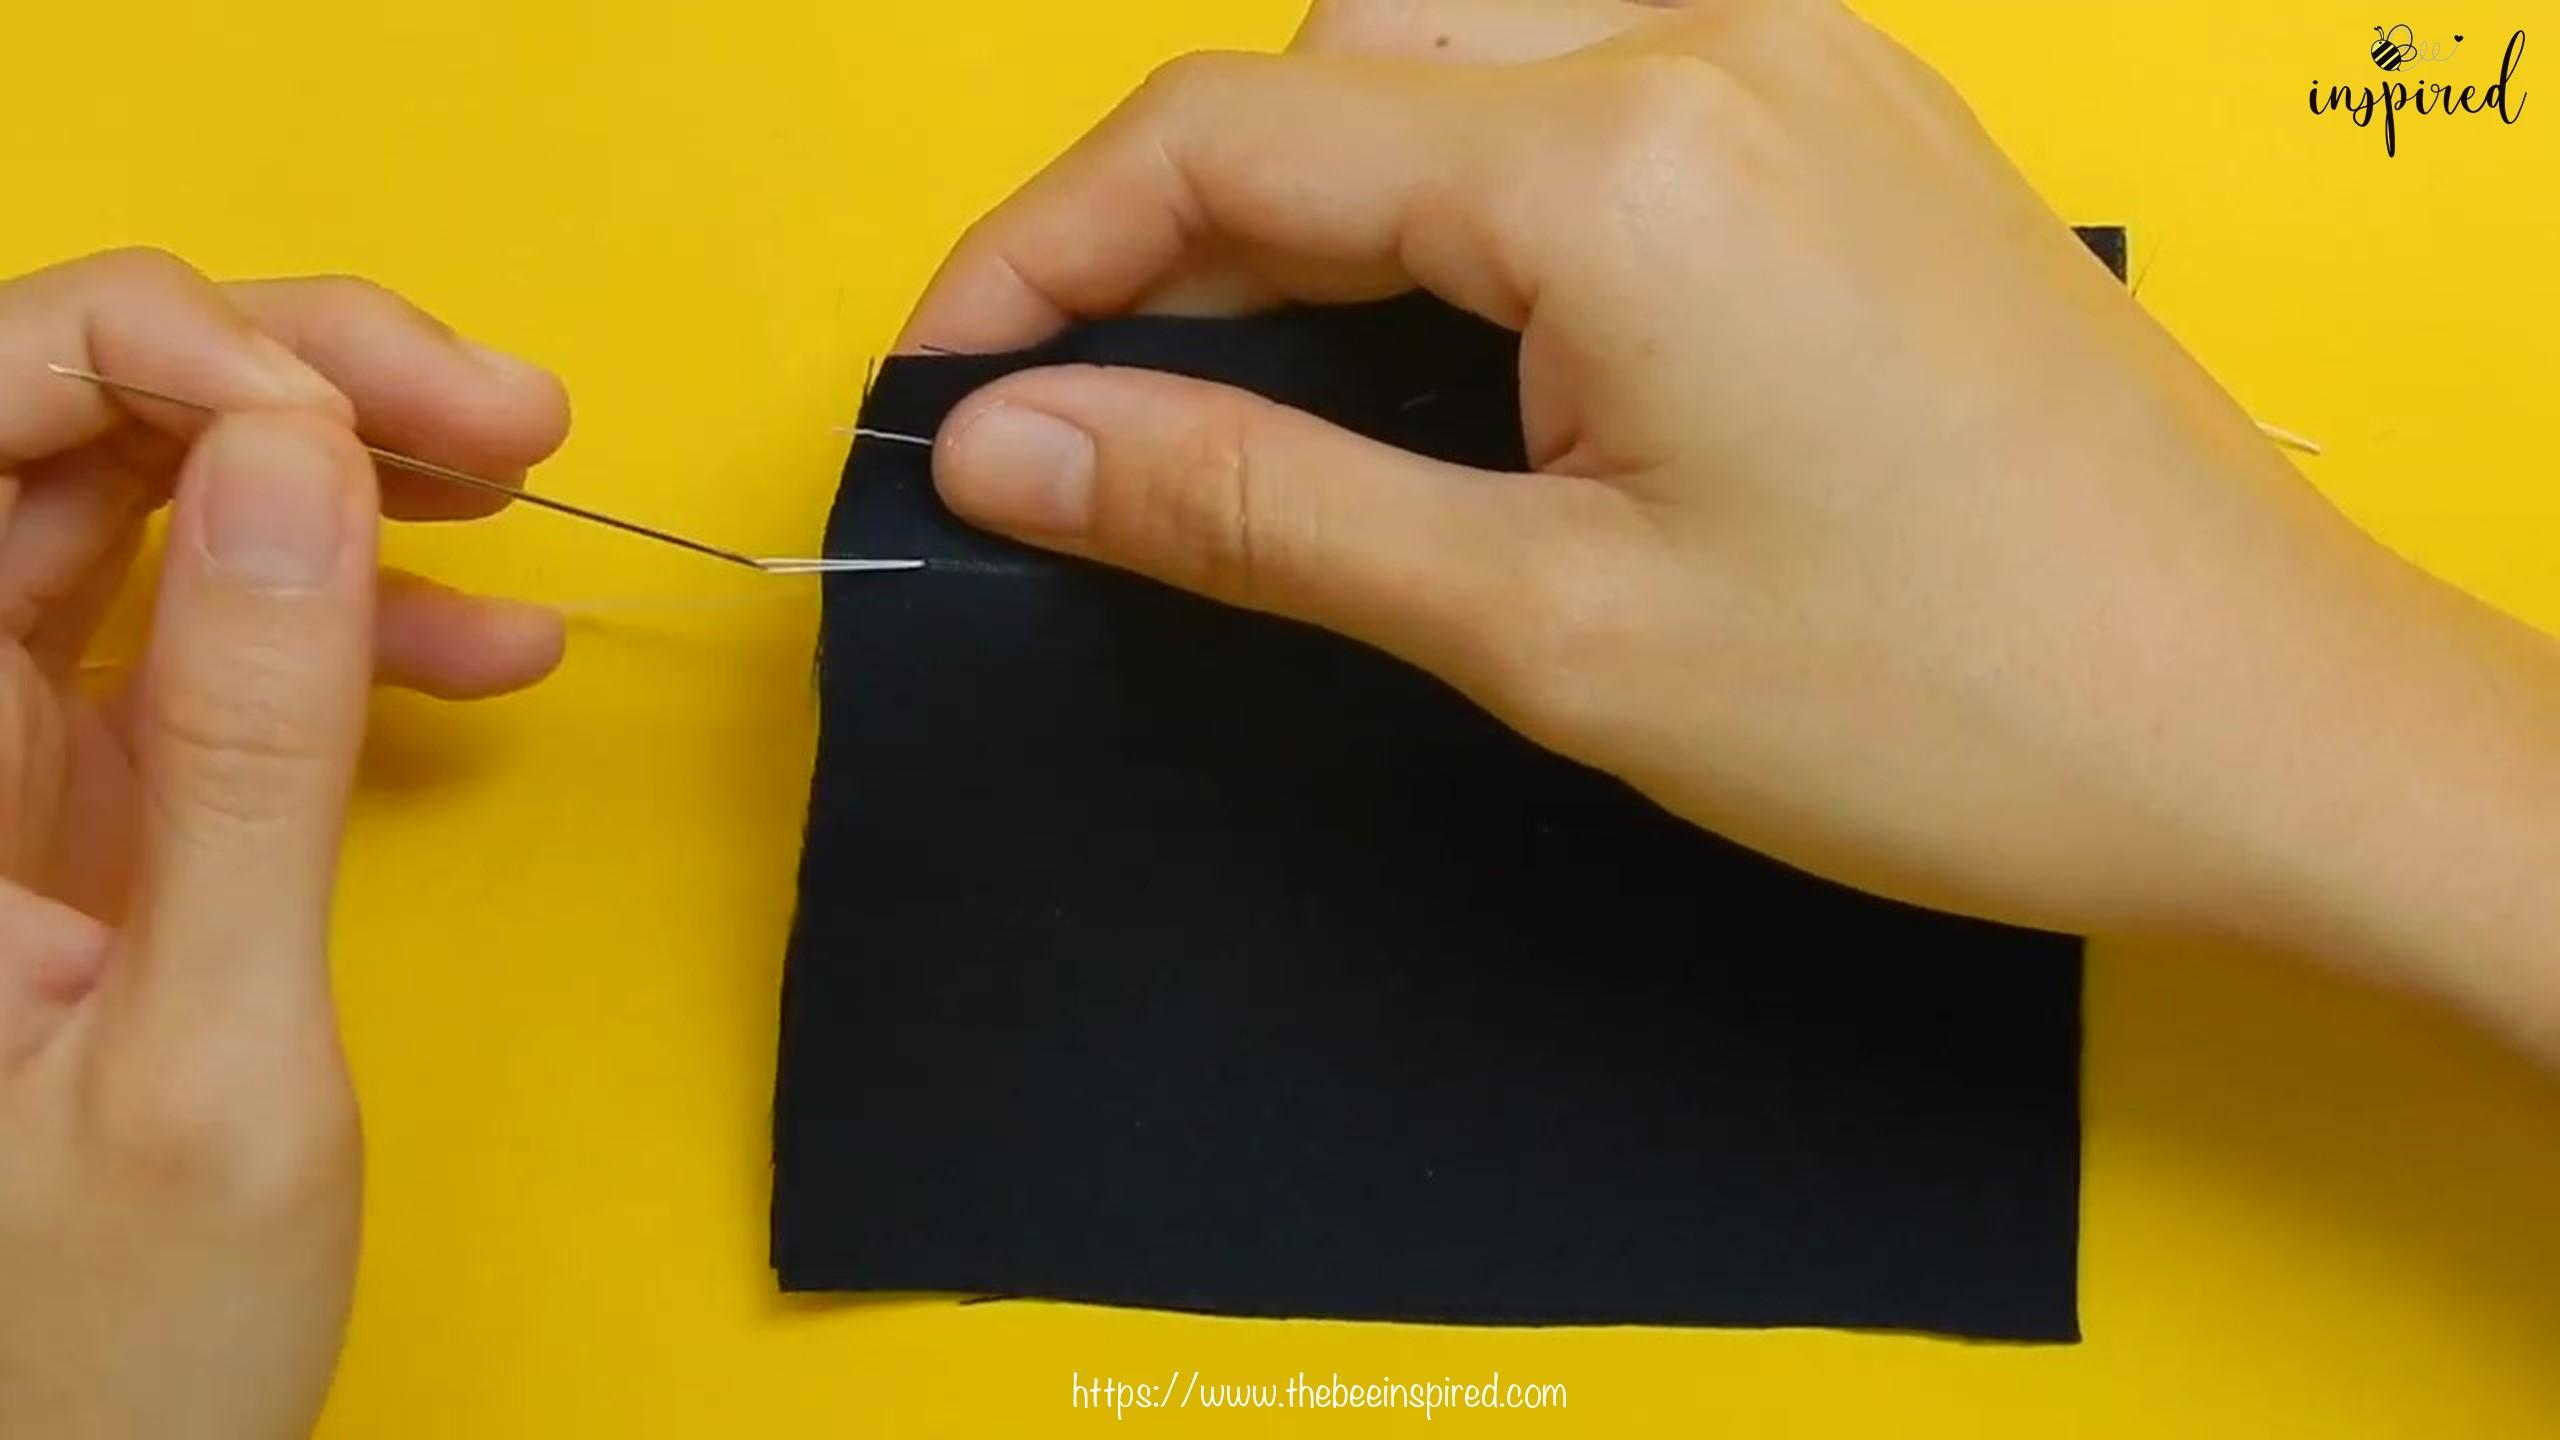 วิธีการเย็บด้นถอยหลัง (How to Sew a Back Stitch)_2